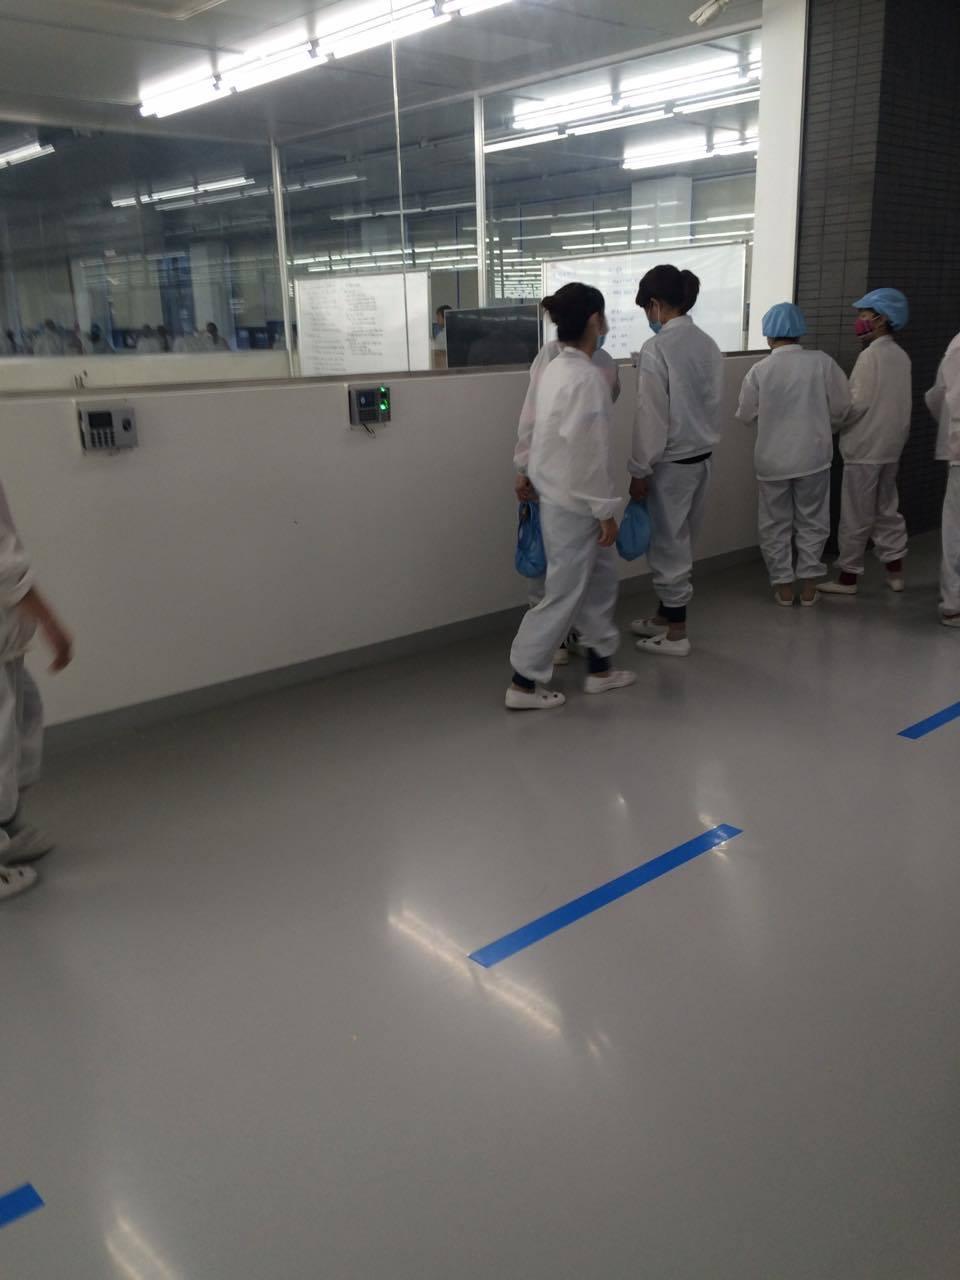 công nhân cít vân tay vào máy chít vân tay